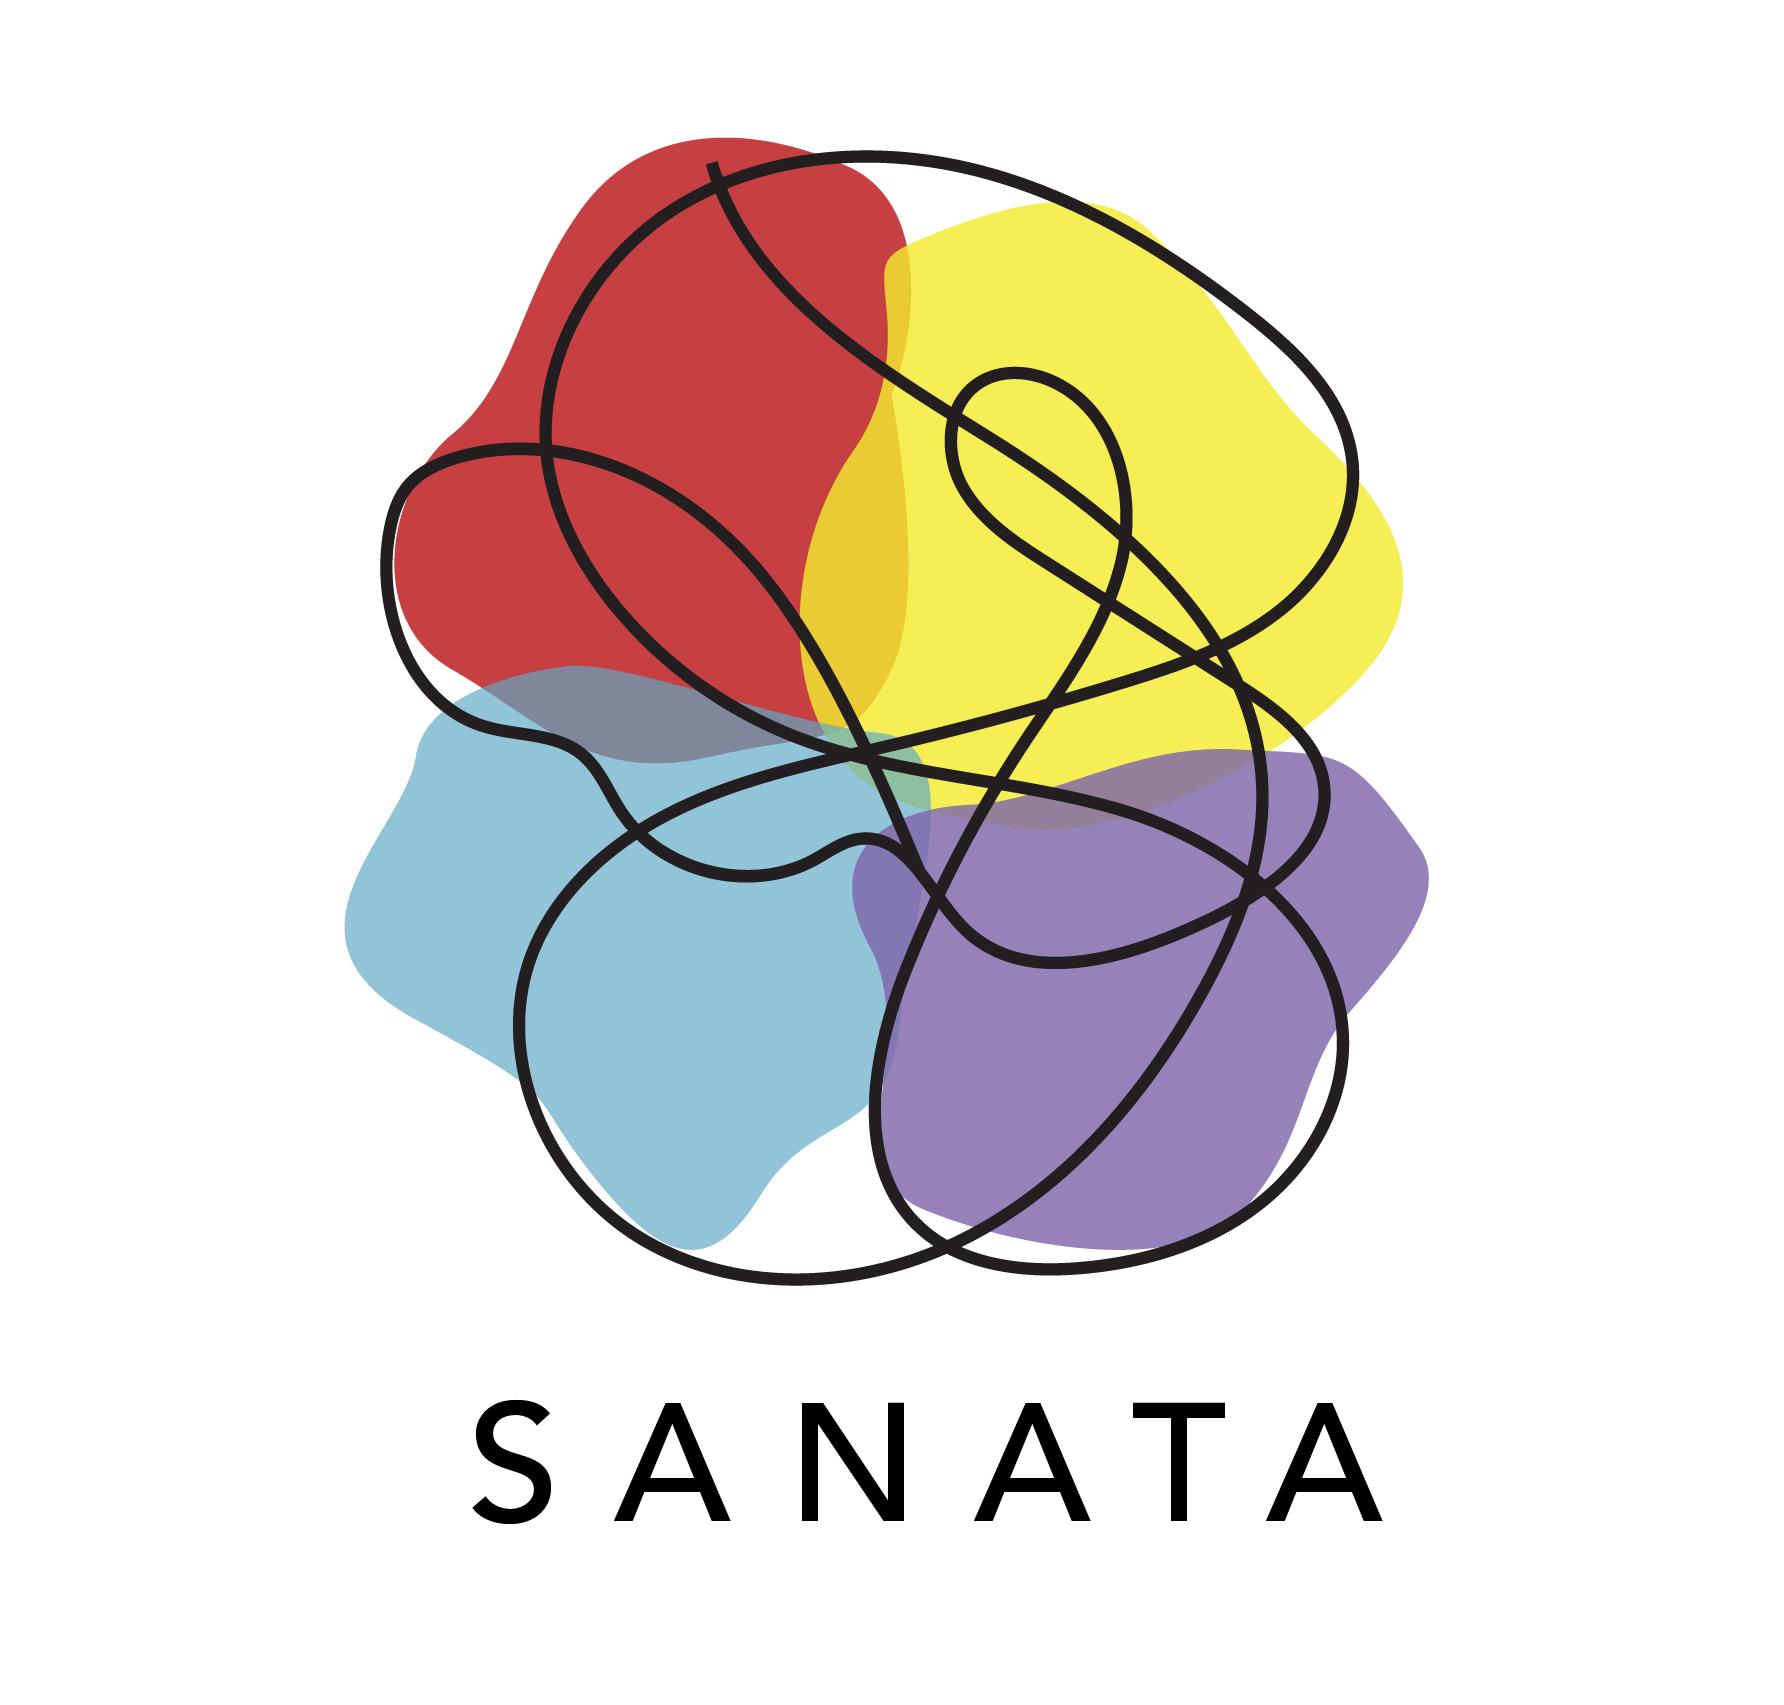 SANATA